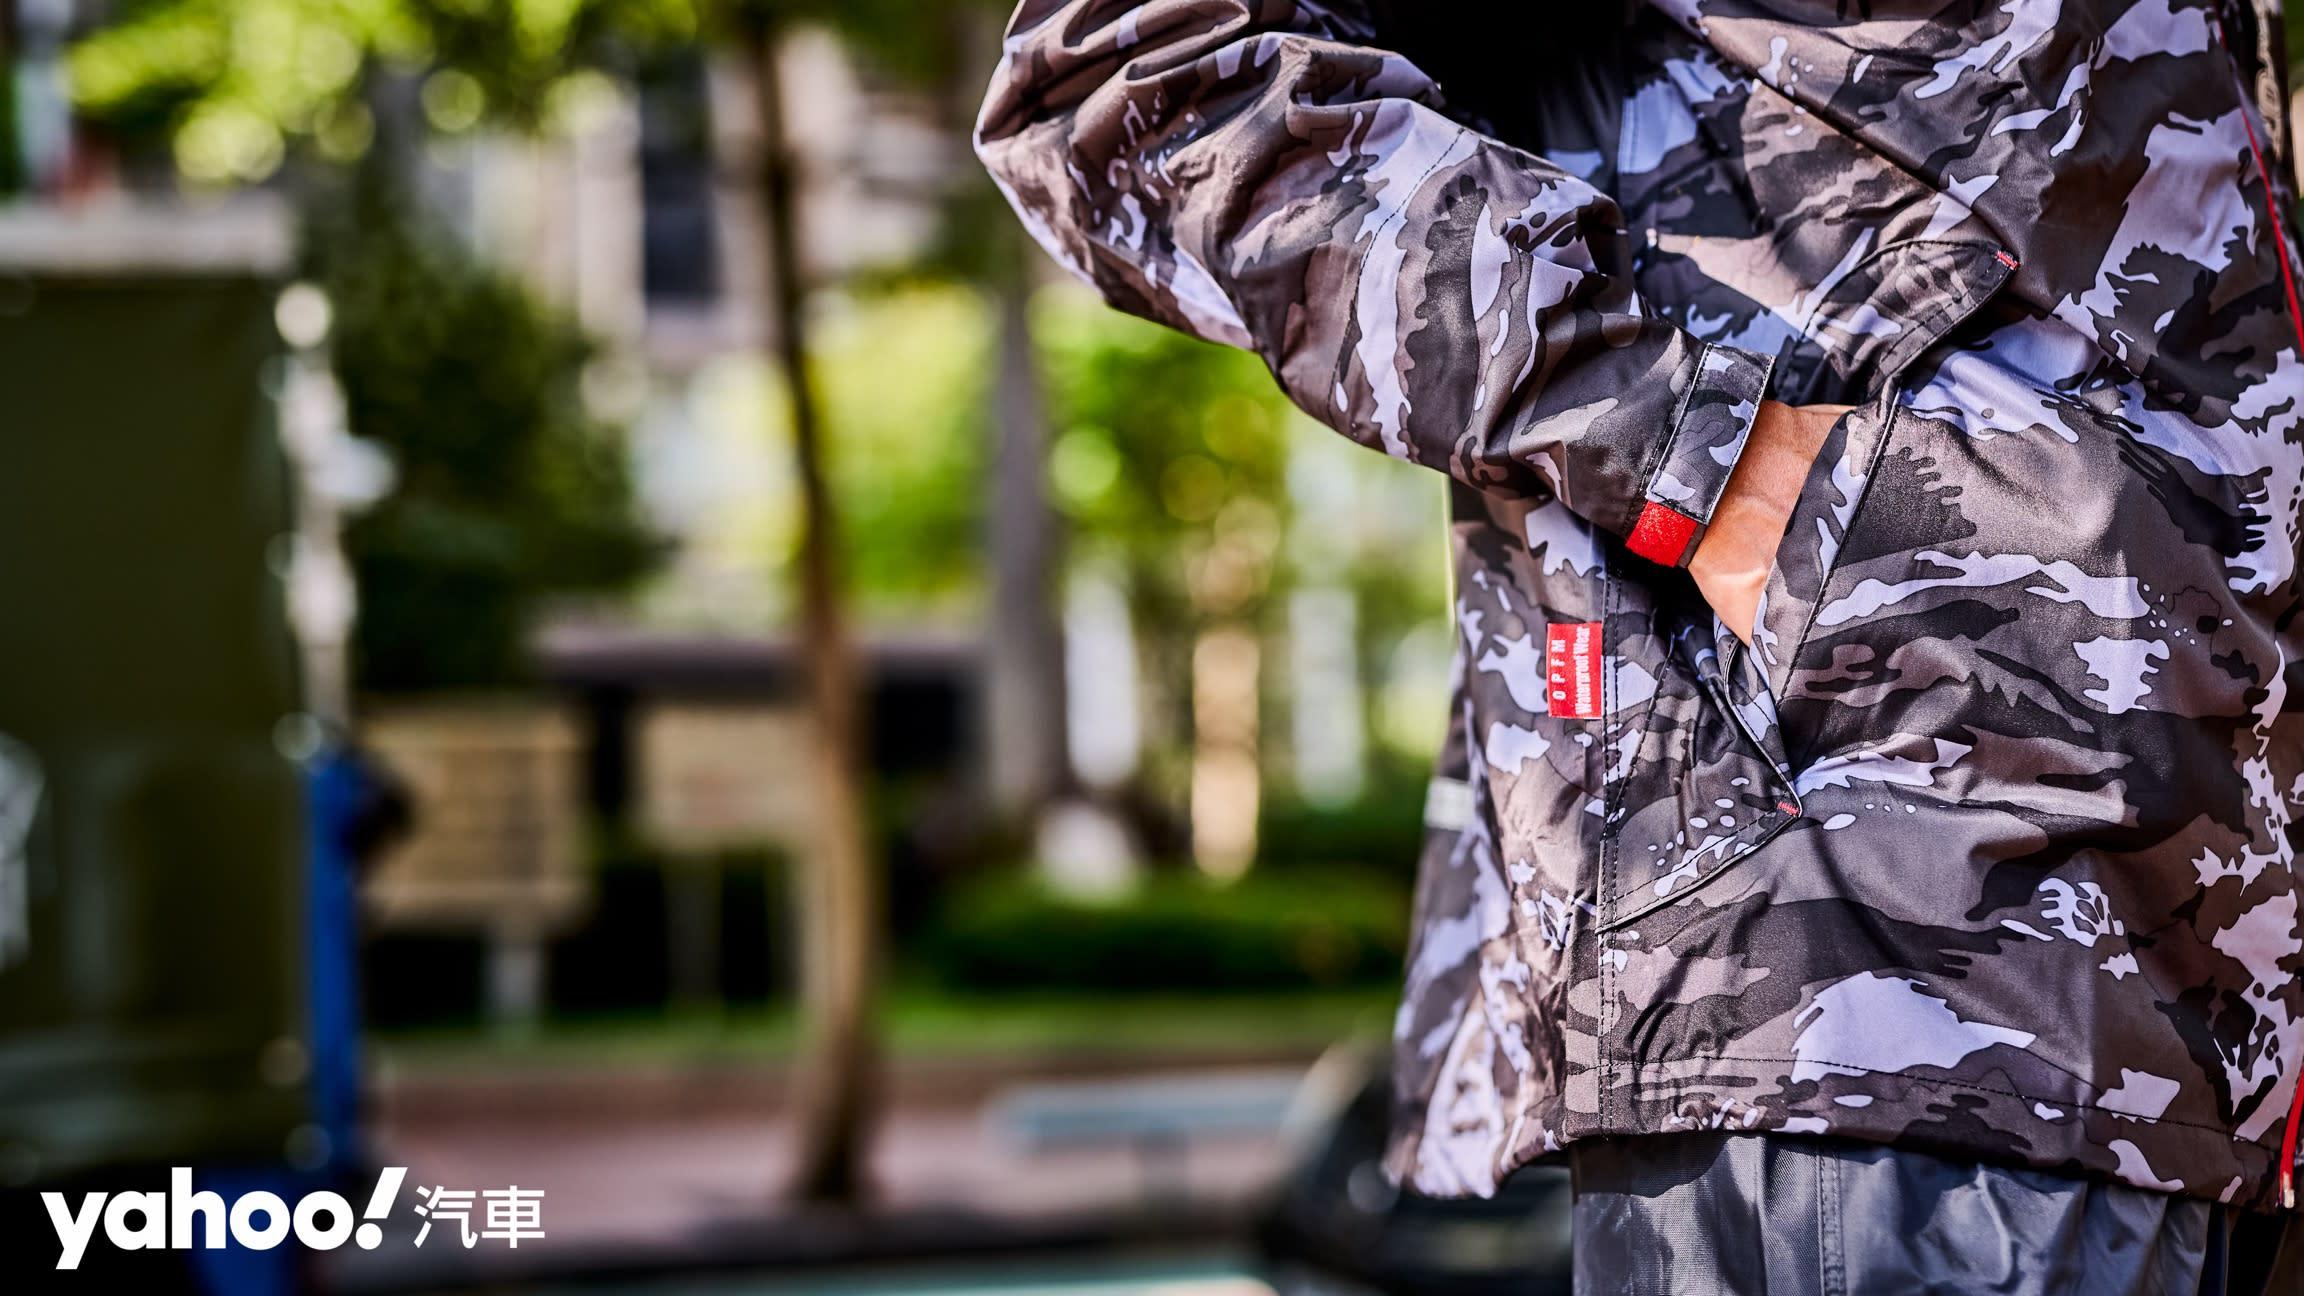 下雨天更要穿出品味!4款潮流系雨衣風格開箱! - 16